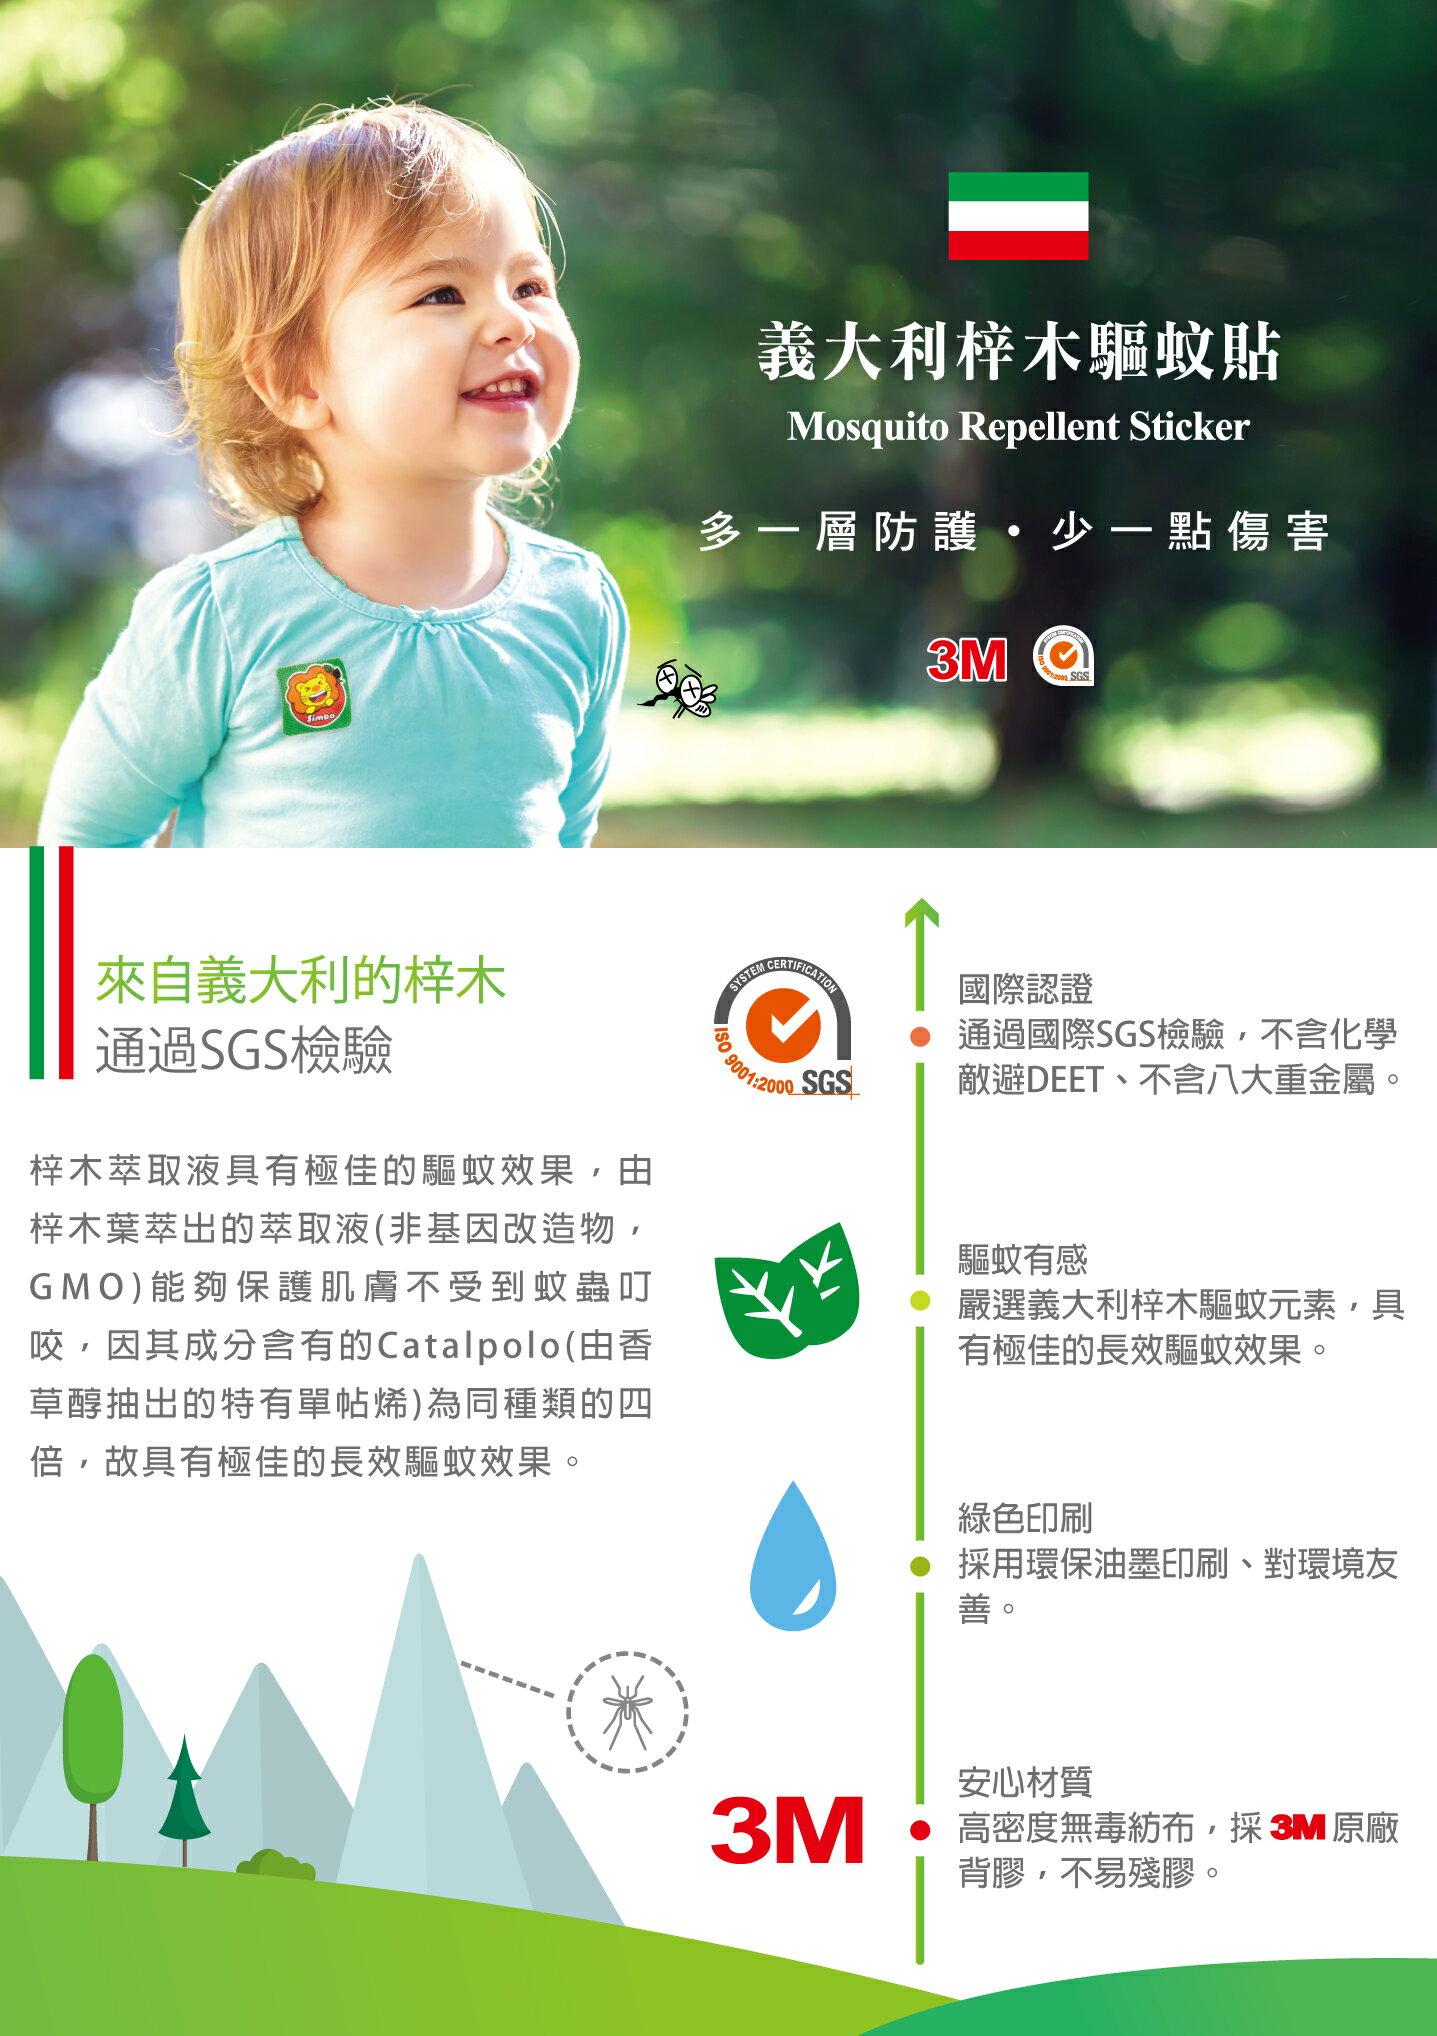 『121婦嬰用品館』辛巴 義大利梓木驅蚊貼(24枚)-HAPPY歡樂貼圖版 2